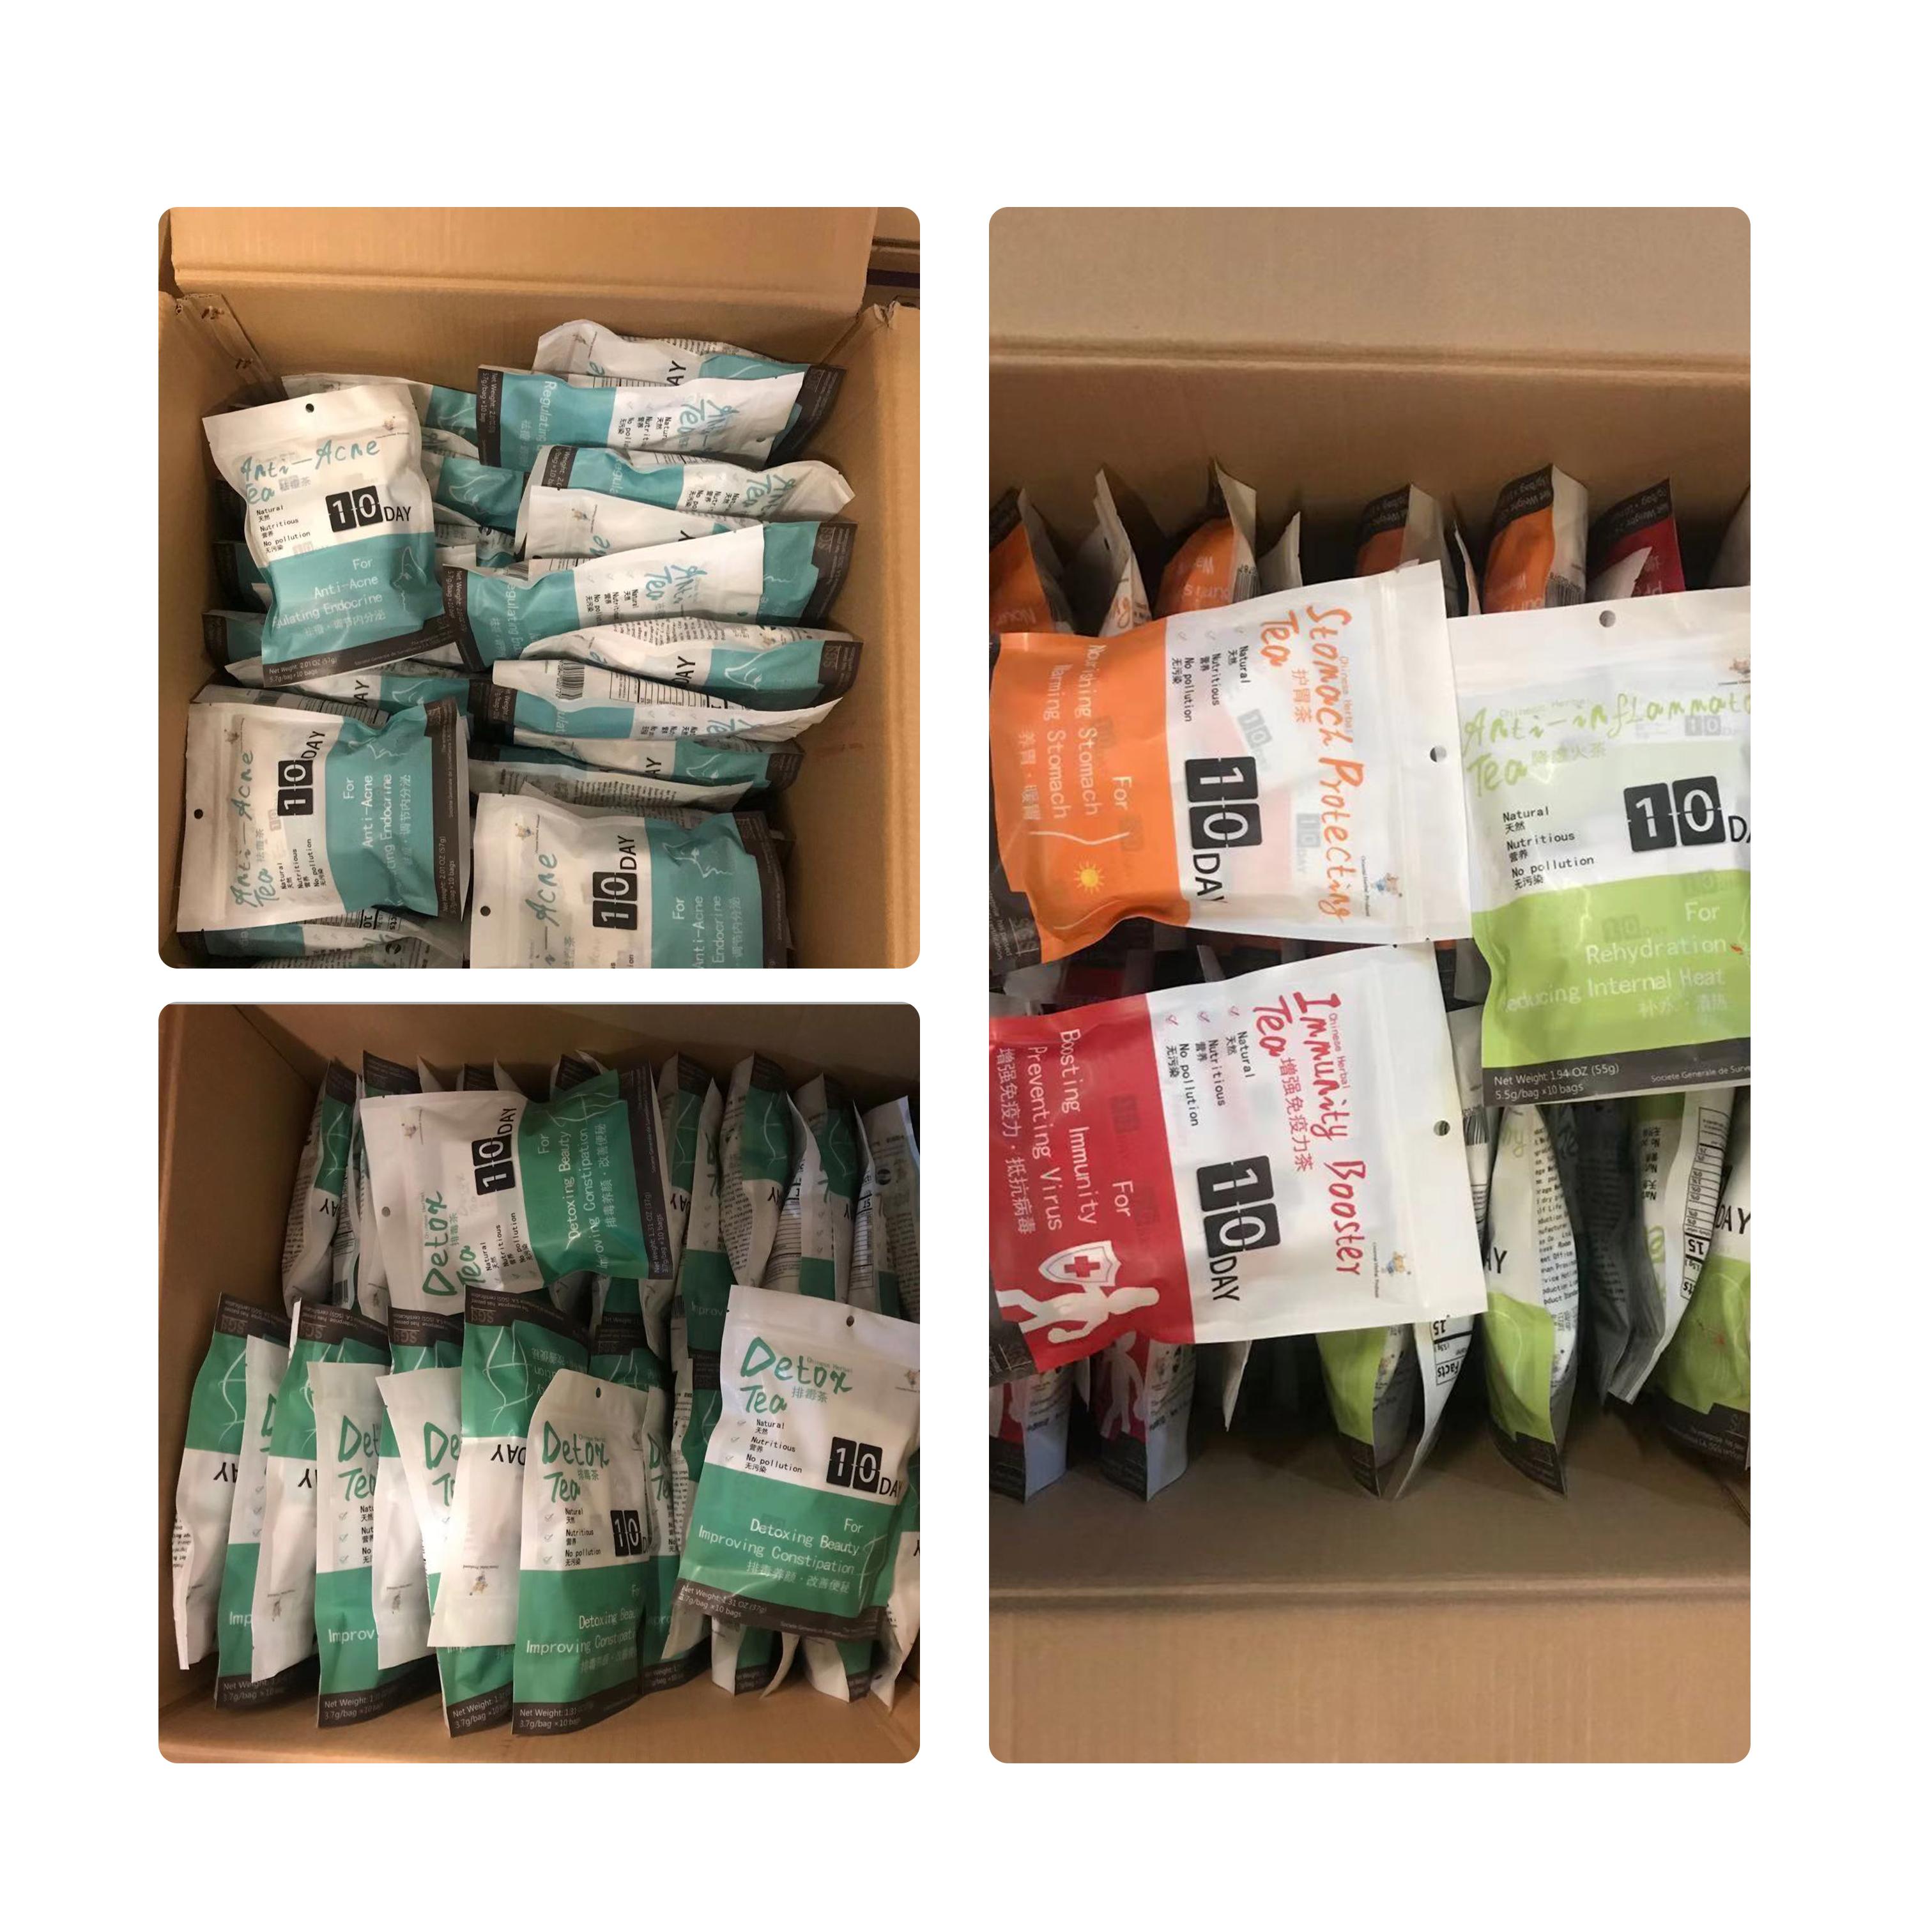 Hot Sell Anti-acne Tea Organic Flower Tea Chamomile Tea Herbal - 4uTea | 4uTea.com